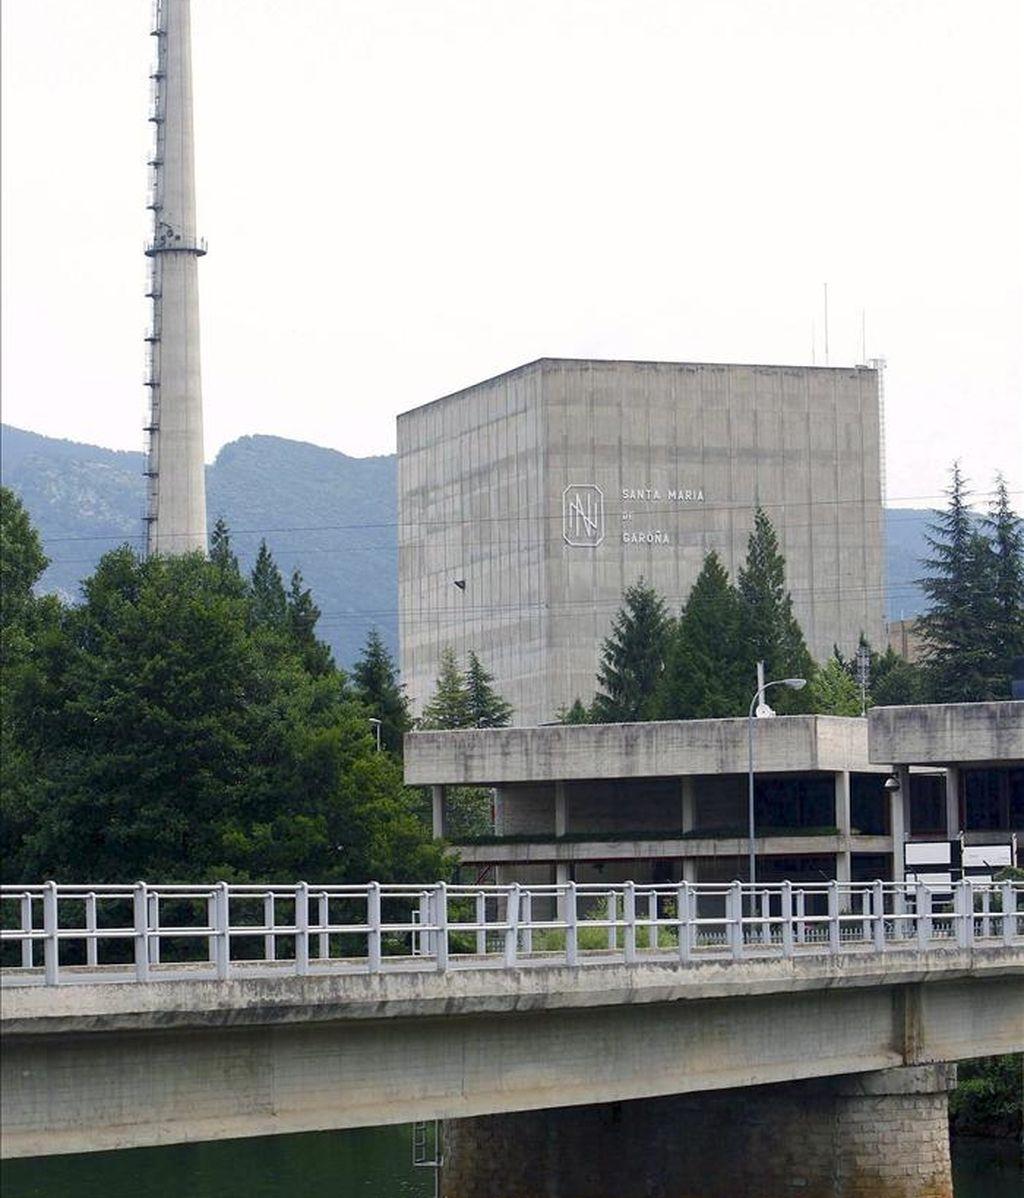 En la imagen, exterior de la central nuclear de Garoña, emplazada en Santa María de Garoña, Burgos. EFE/Archivo